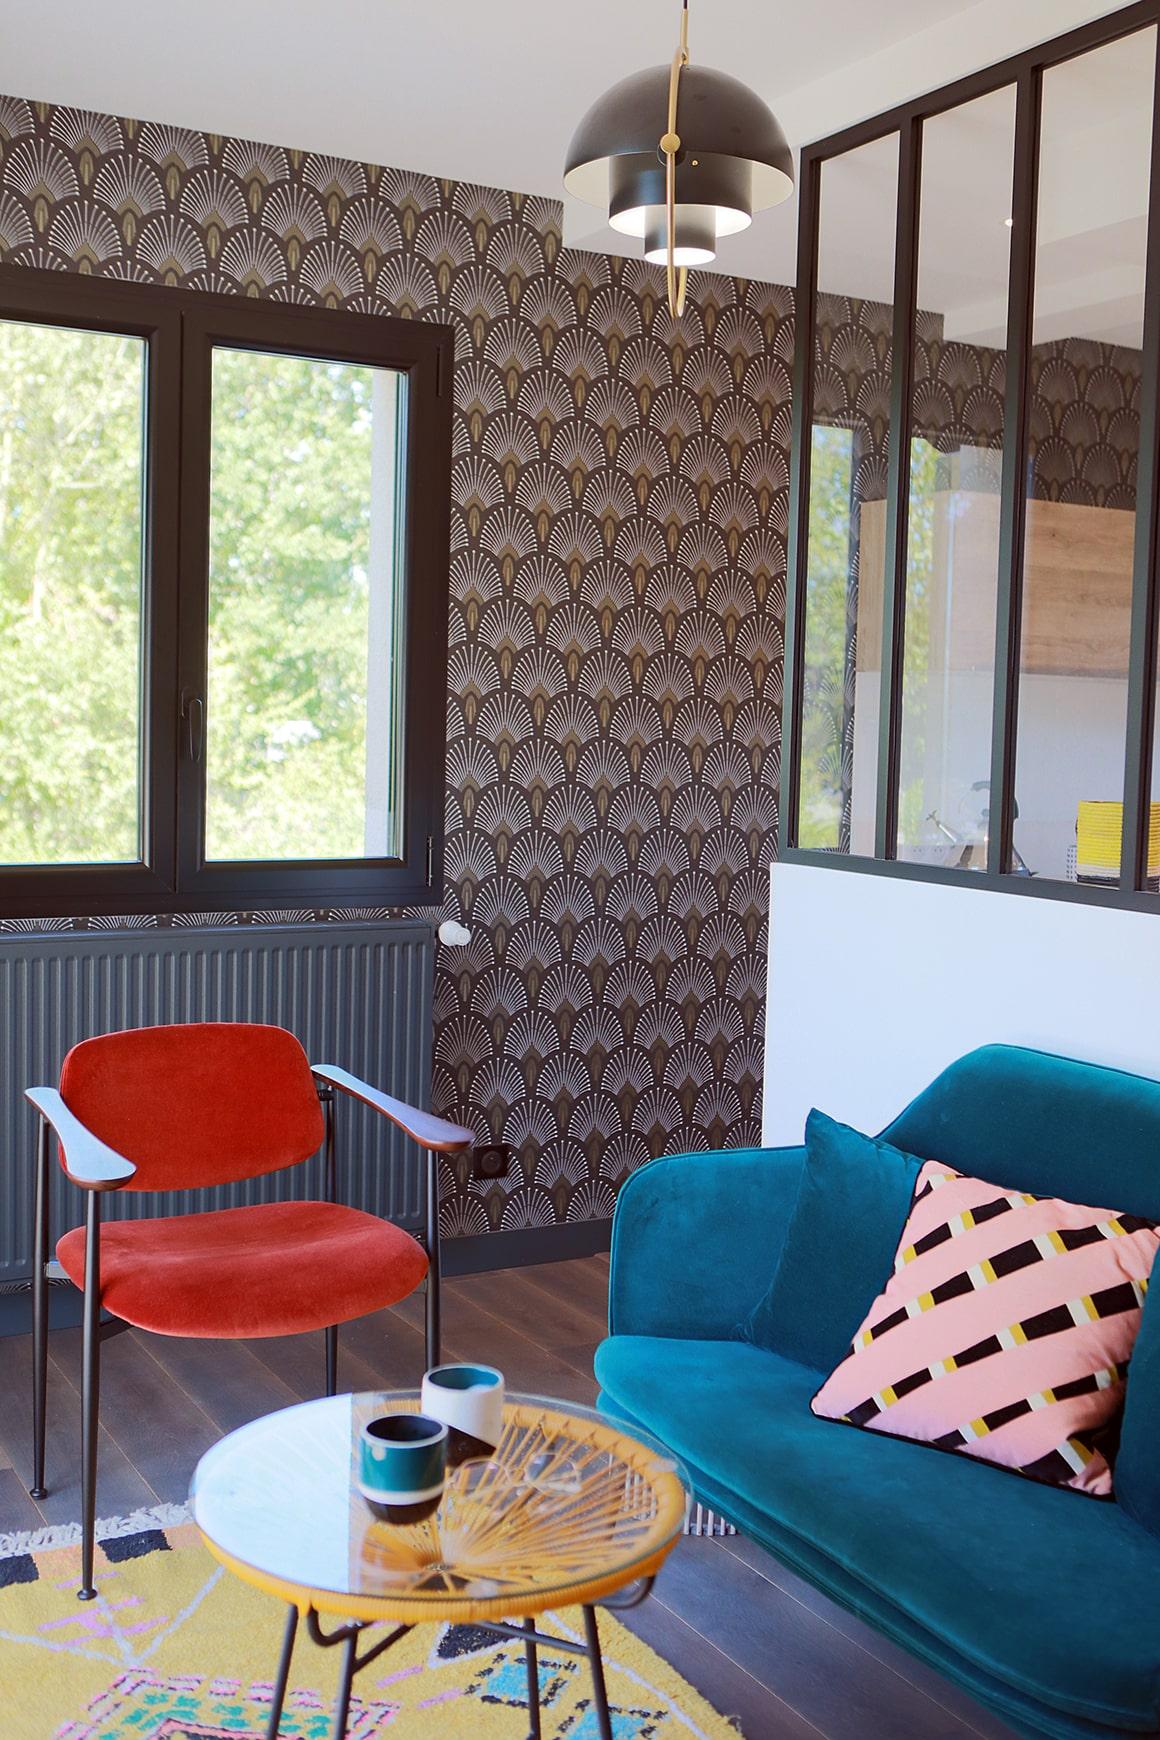 Maison typique fin des années 80 - Granville - décoration d'intérieur - 03